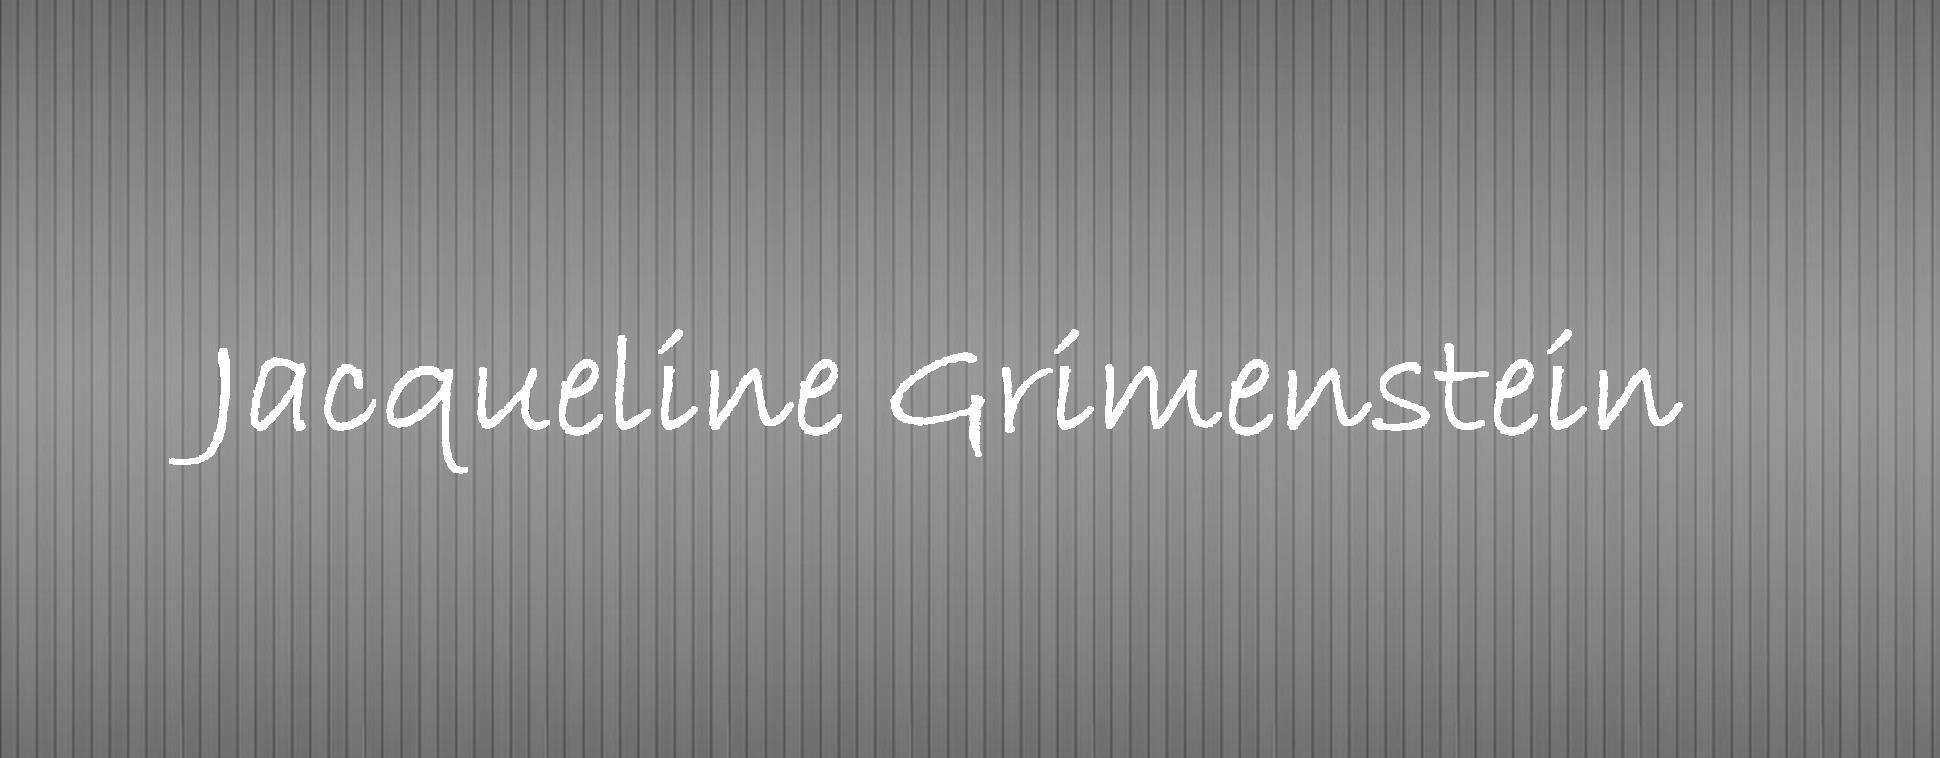 Jacqueline Grimenstein.jpg